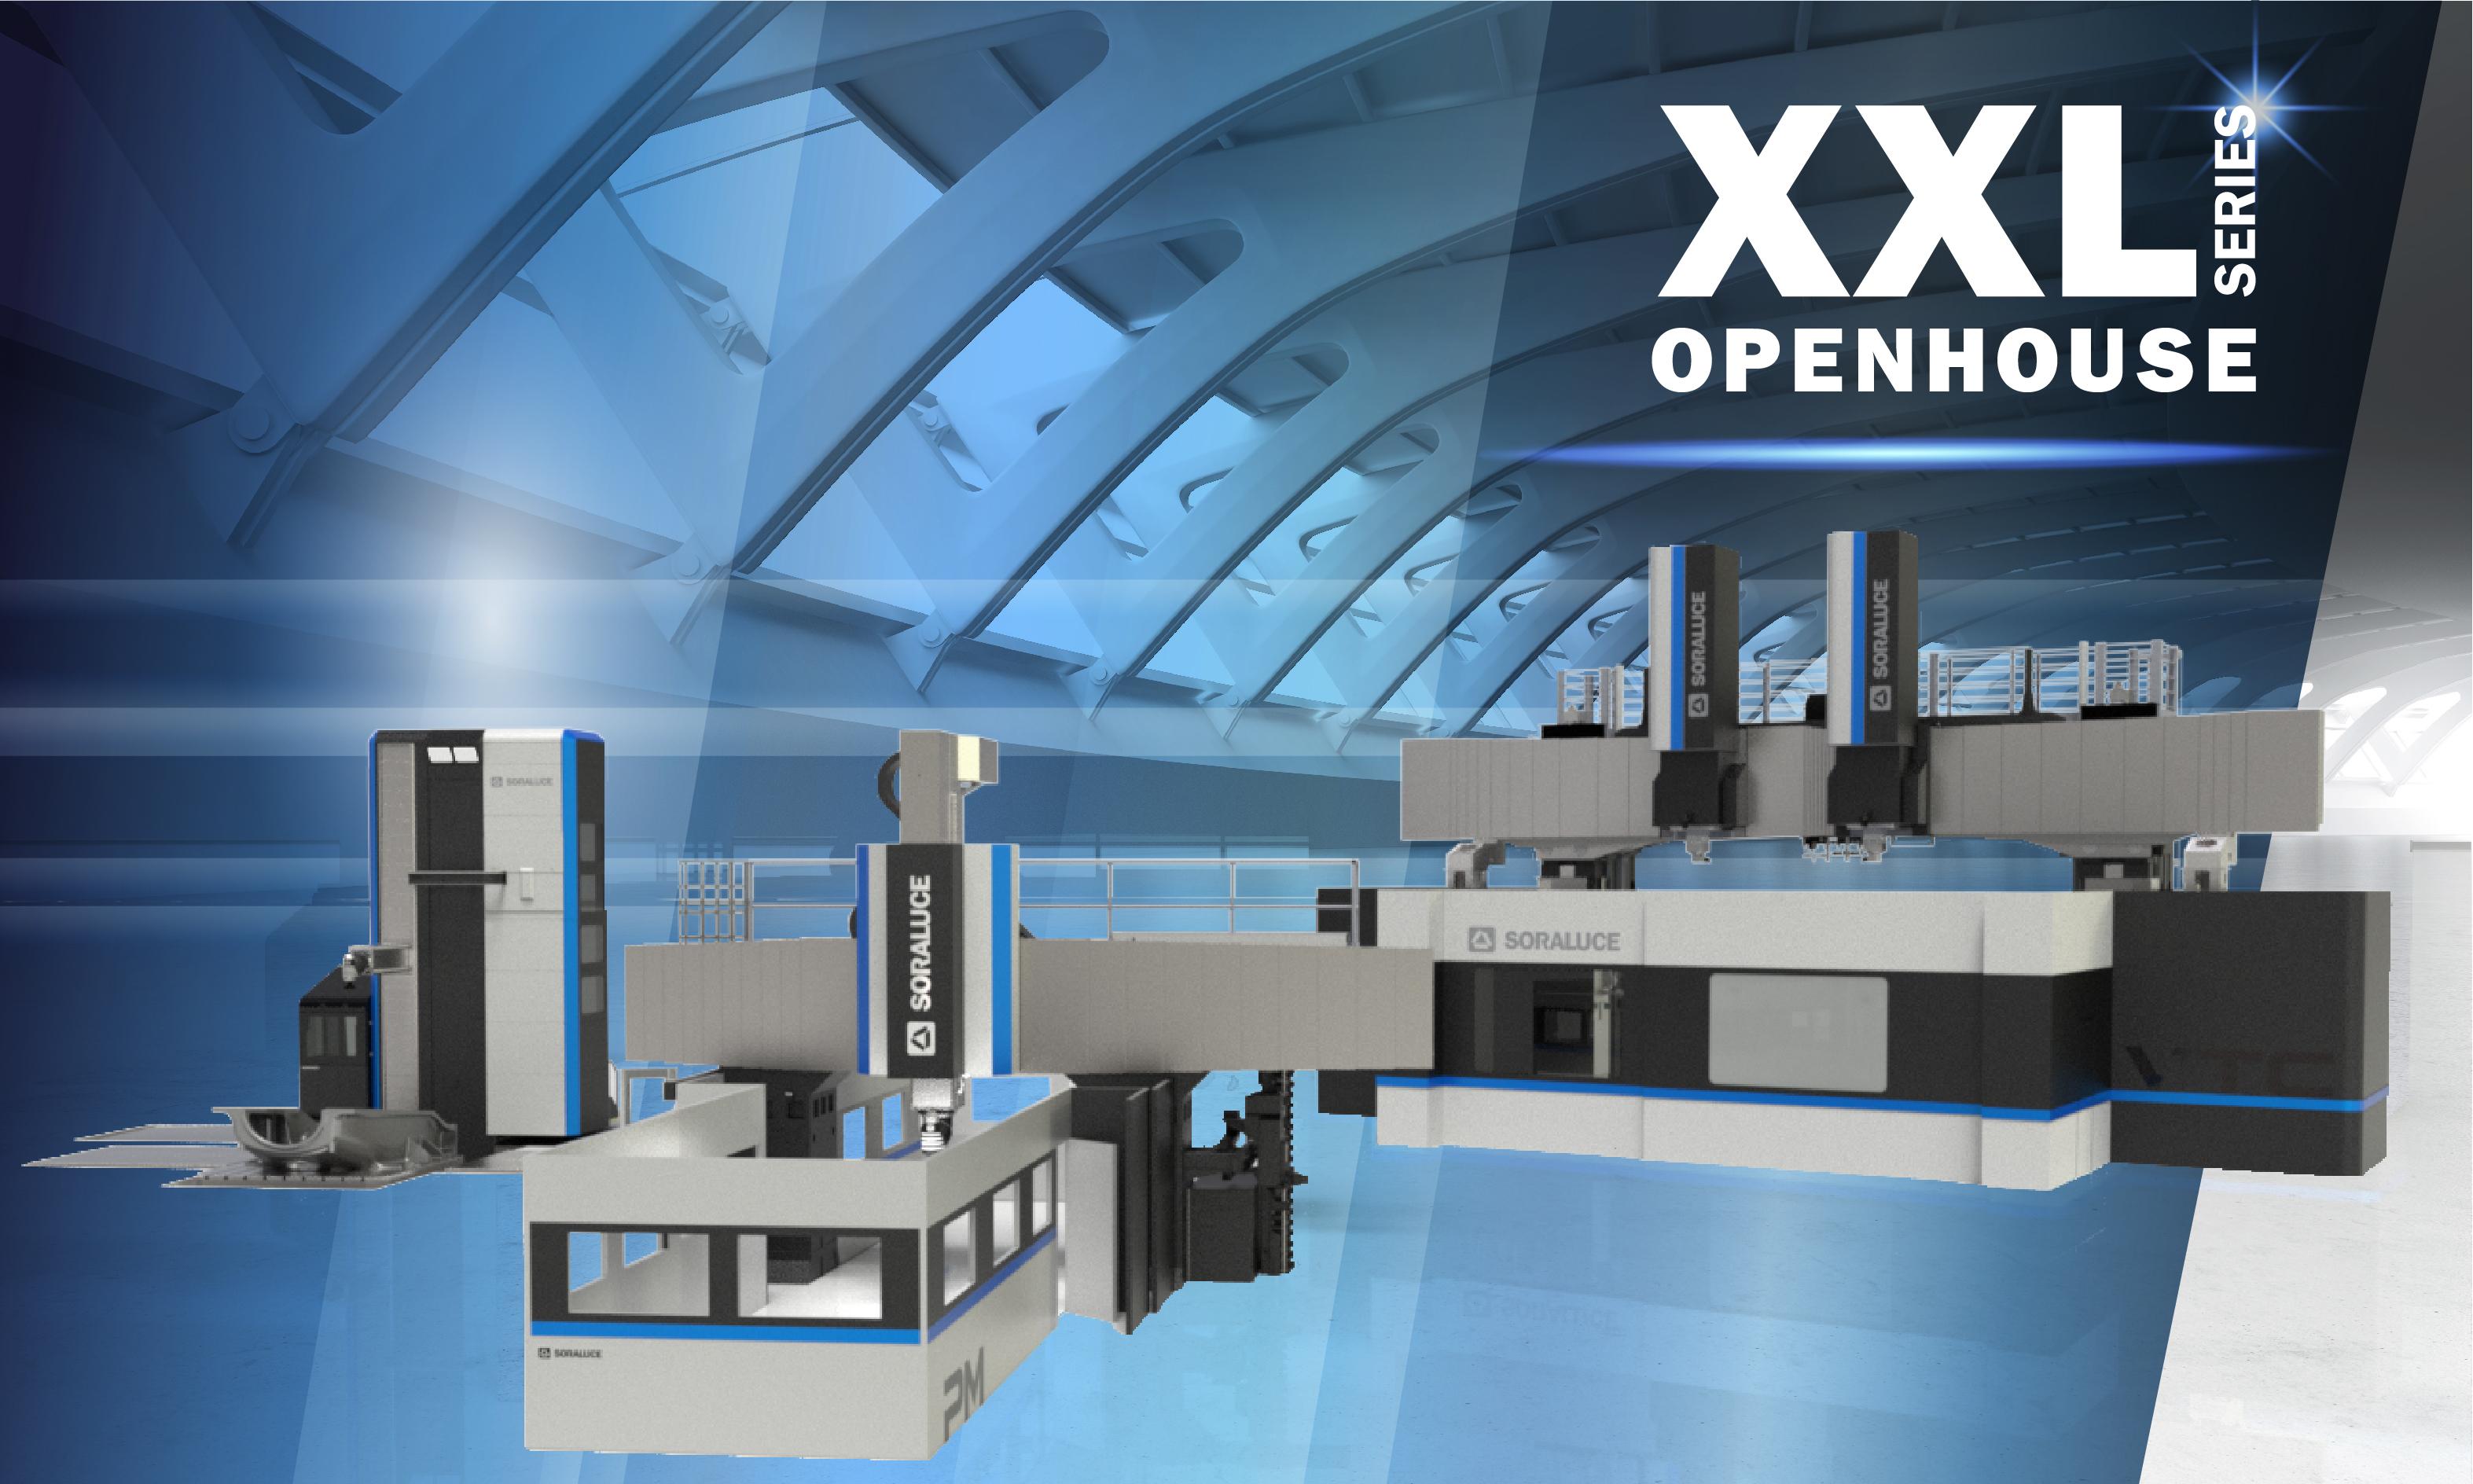 Capacidad, precisión y versatilidad a gran escala durante las Jornadas de Puertas Abiertas de la Serie XXL de SORALUCE